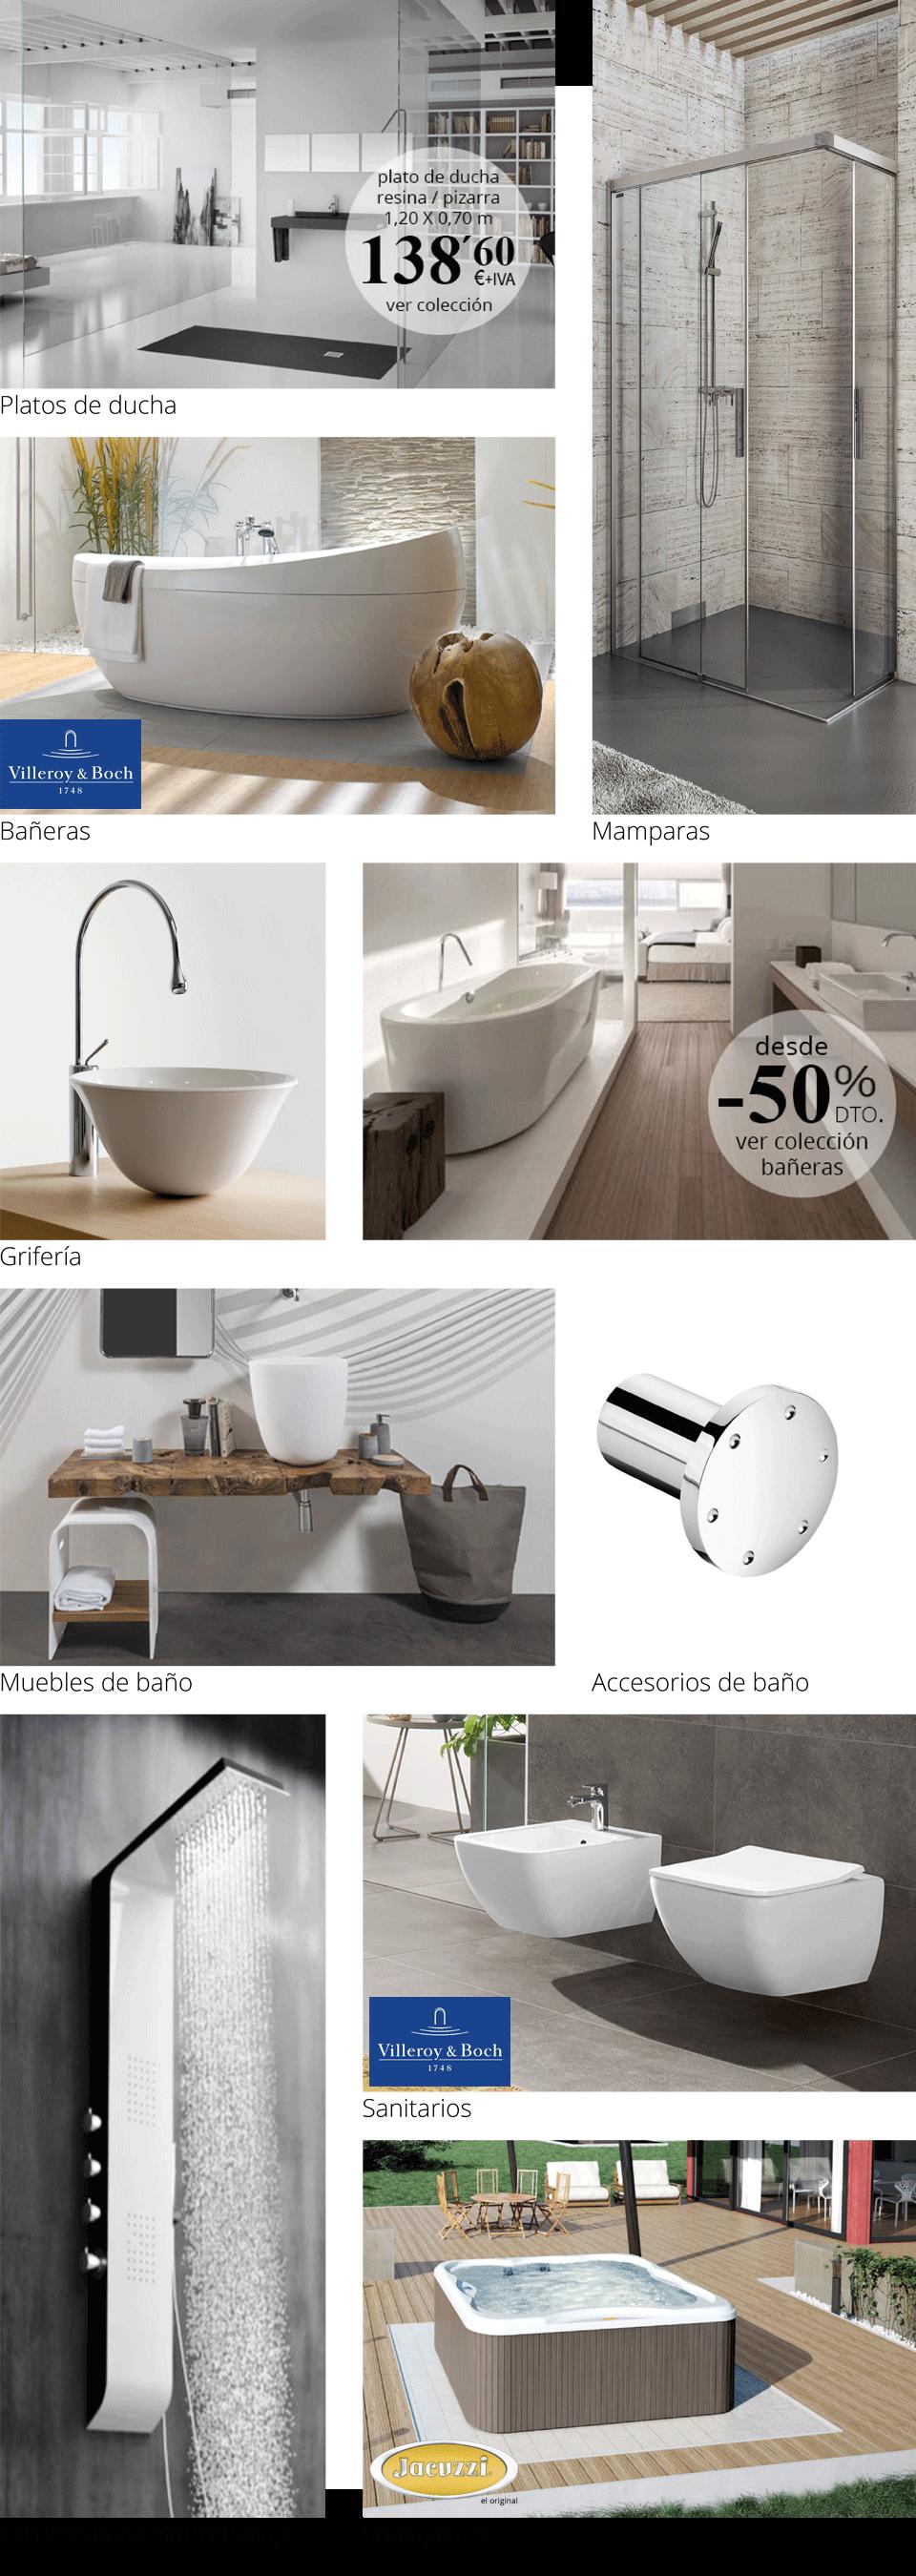 Todo lo que necesitas para disfrutar de tu nuevo cuarto de baño